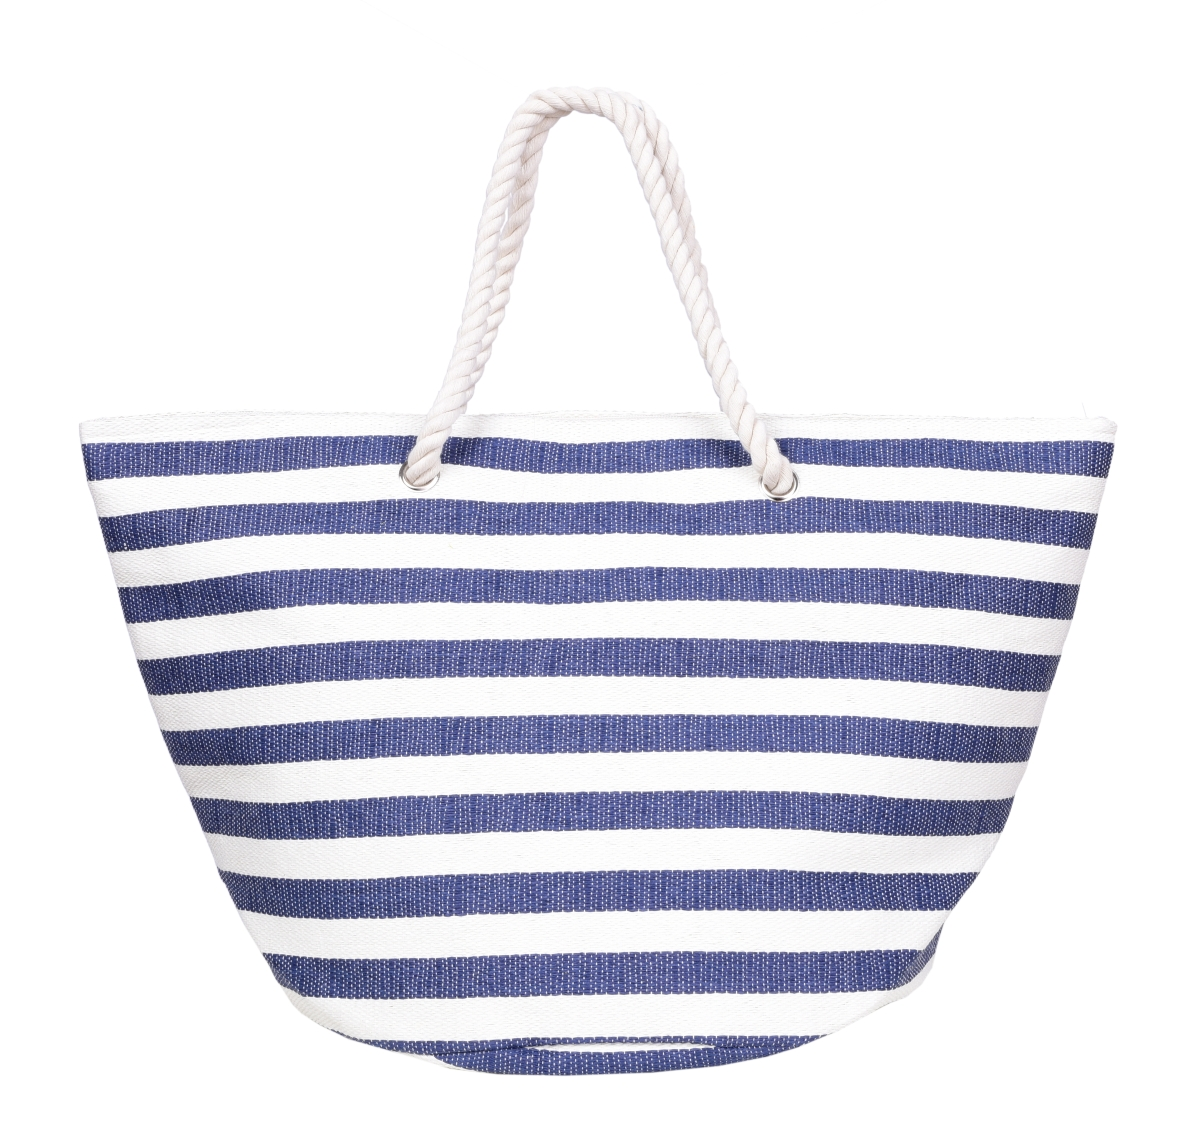 MARINE velká kabelka, modré pruhy